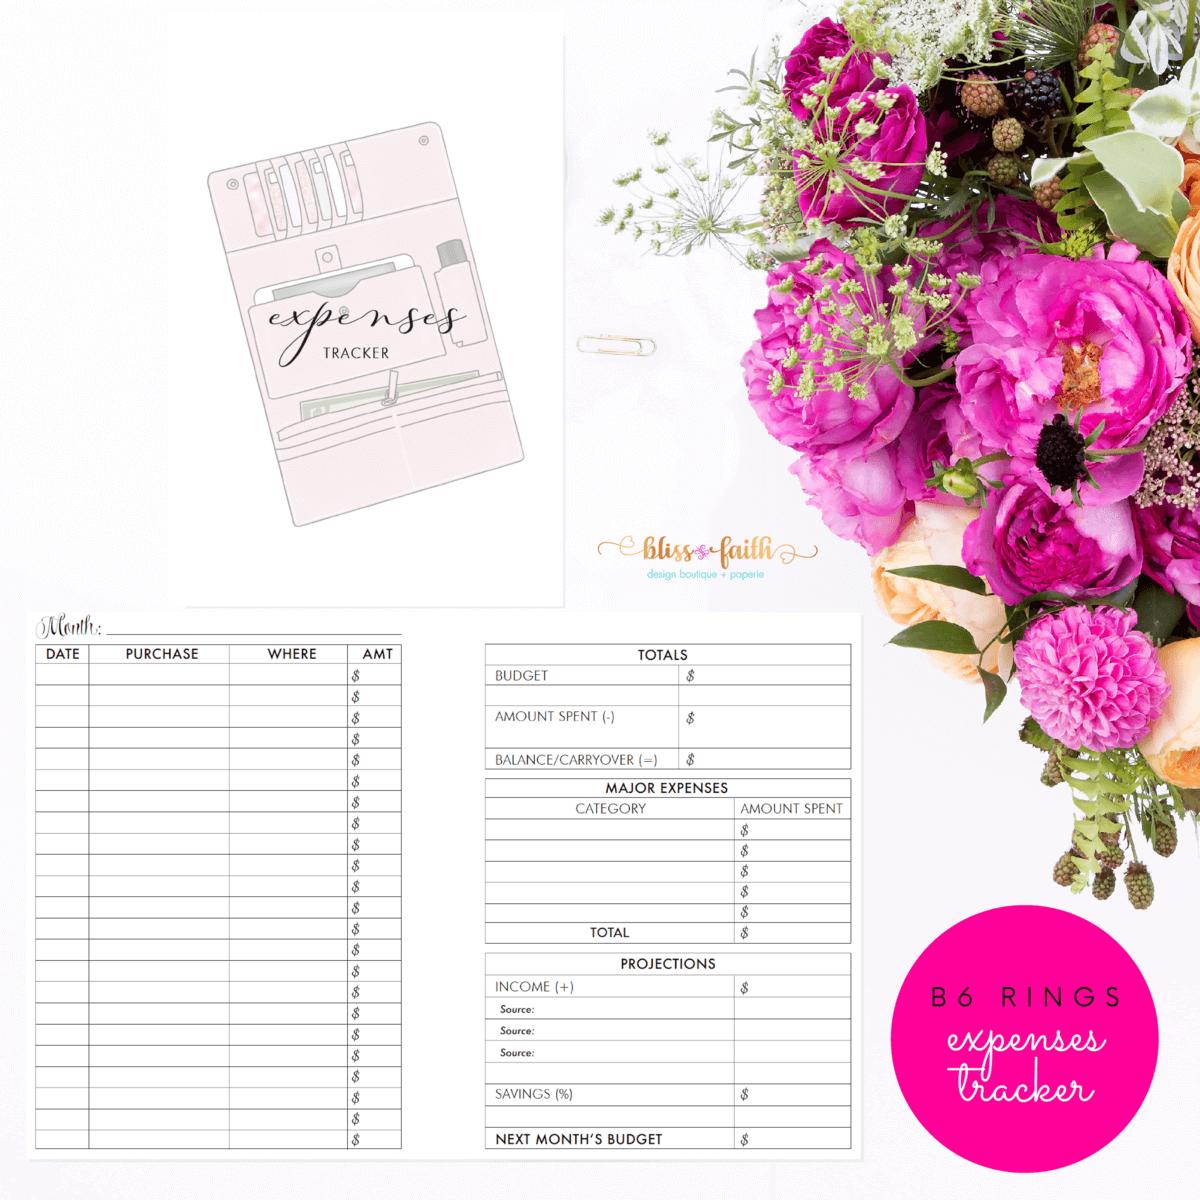 B6 Rings Expenses Tracker Printable Planner Insert | BlissandFaith.com